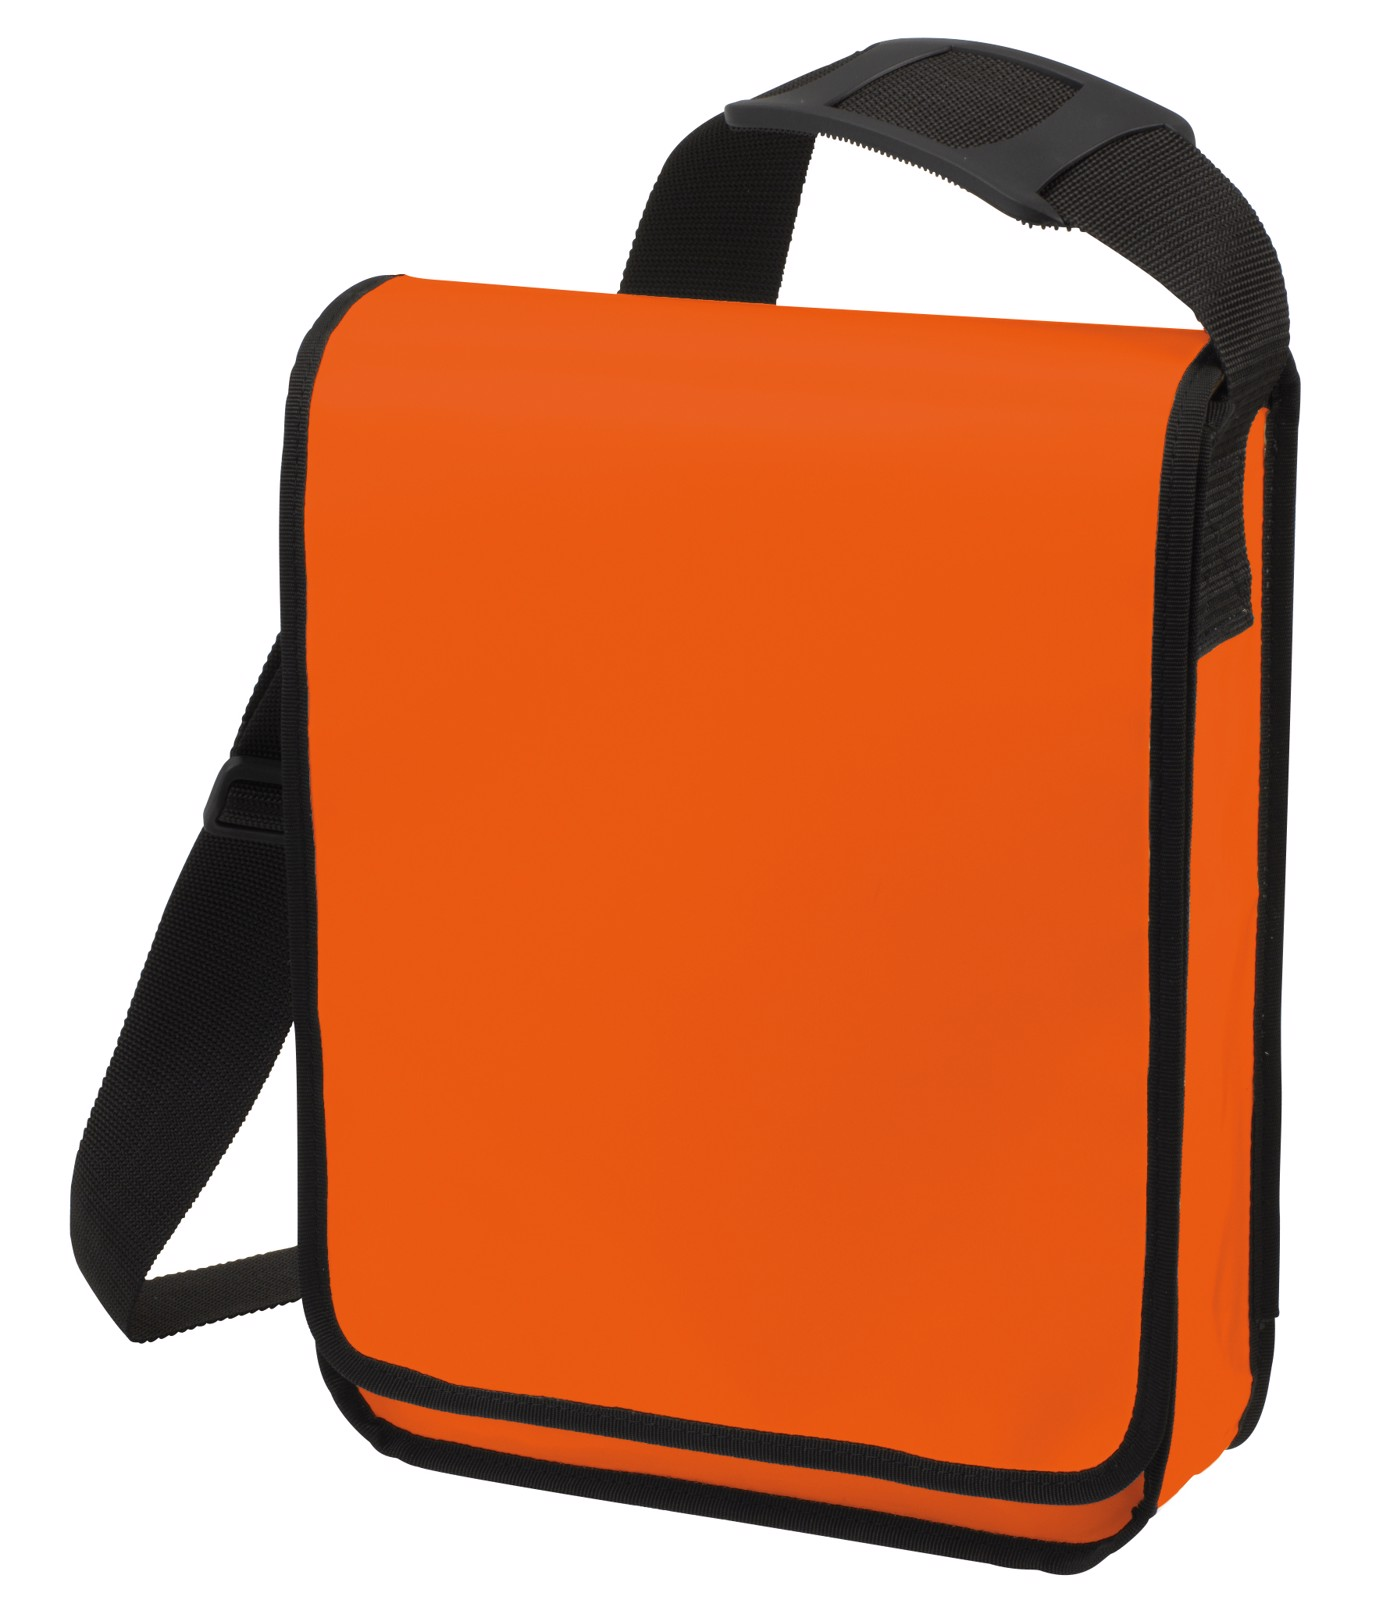 Lorrybag® H Originál 1 - Cista Oranžová